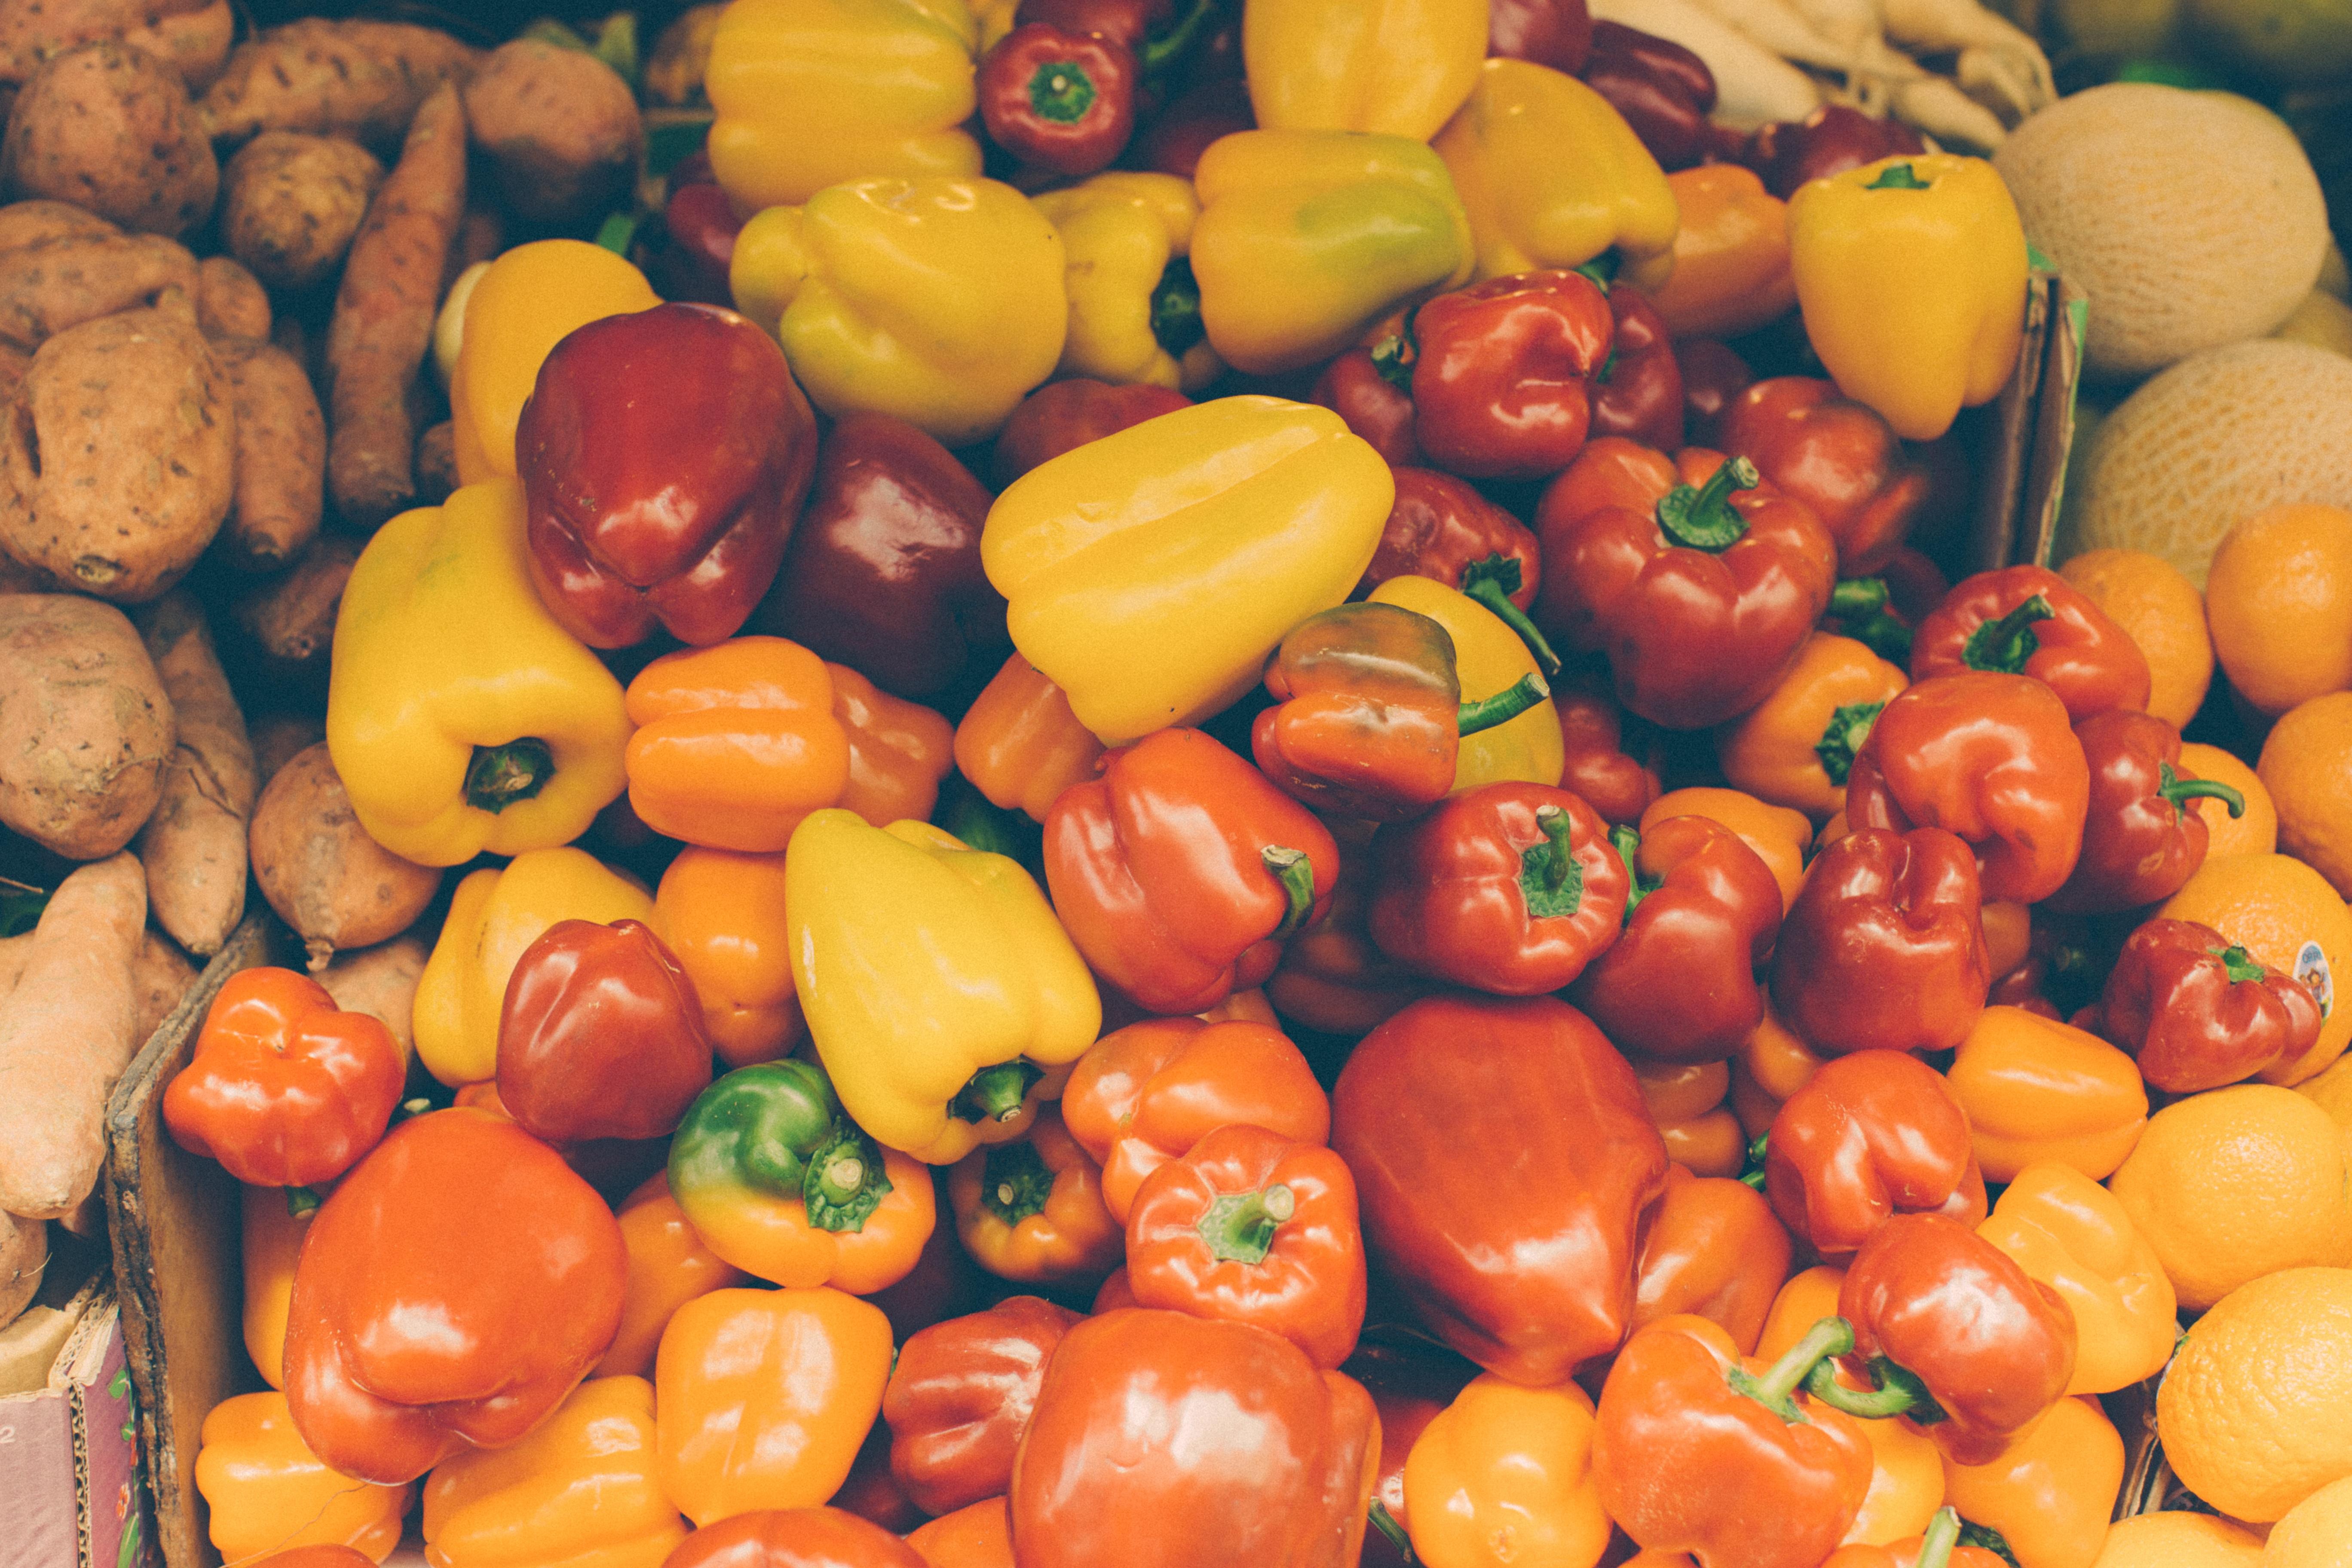 157326 Заставки и Обои Овощи на телефон. Скачать Перец, Фрукты, Еда, Апельсины, Овощи, Морковь, Дыня картинки бесплатно